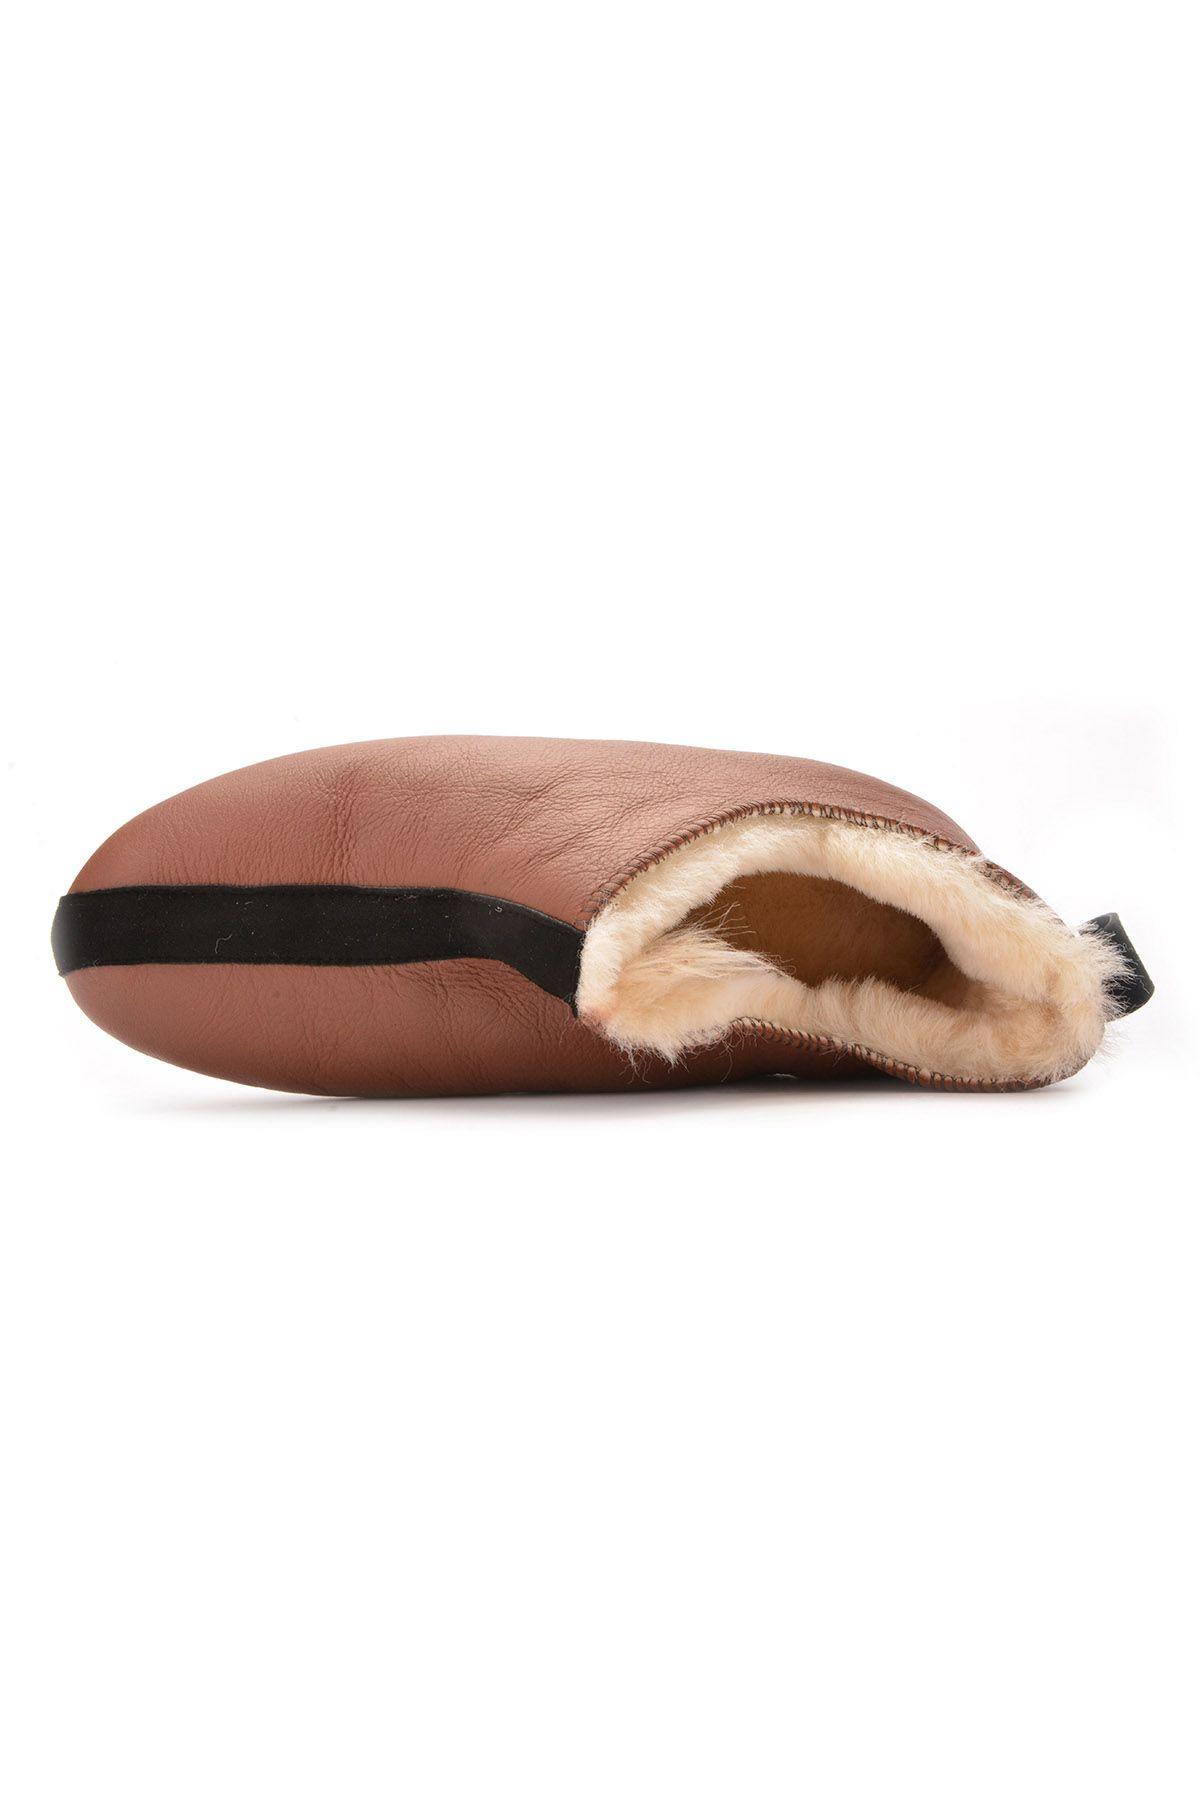 Pegia Hakiki Kürk Erkek Ev Ayakkabısı 111097 Kahve